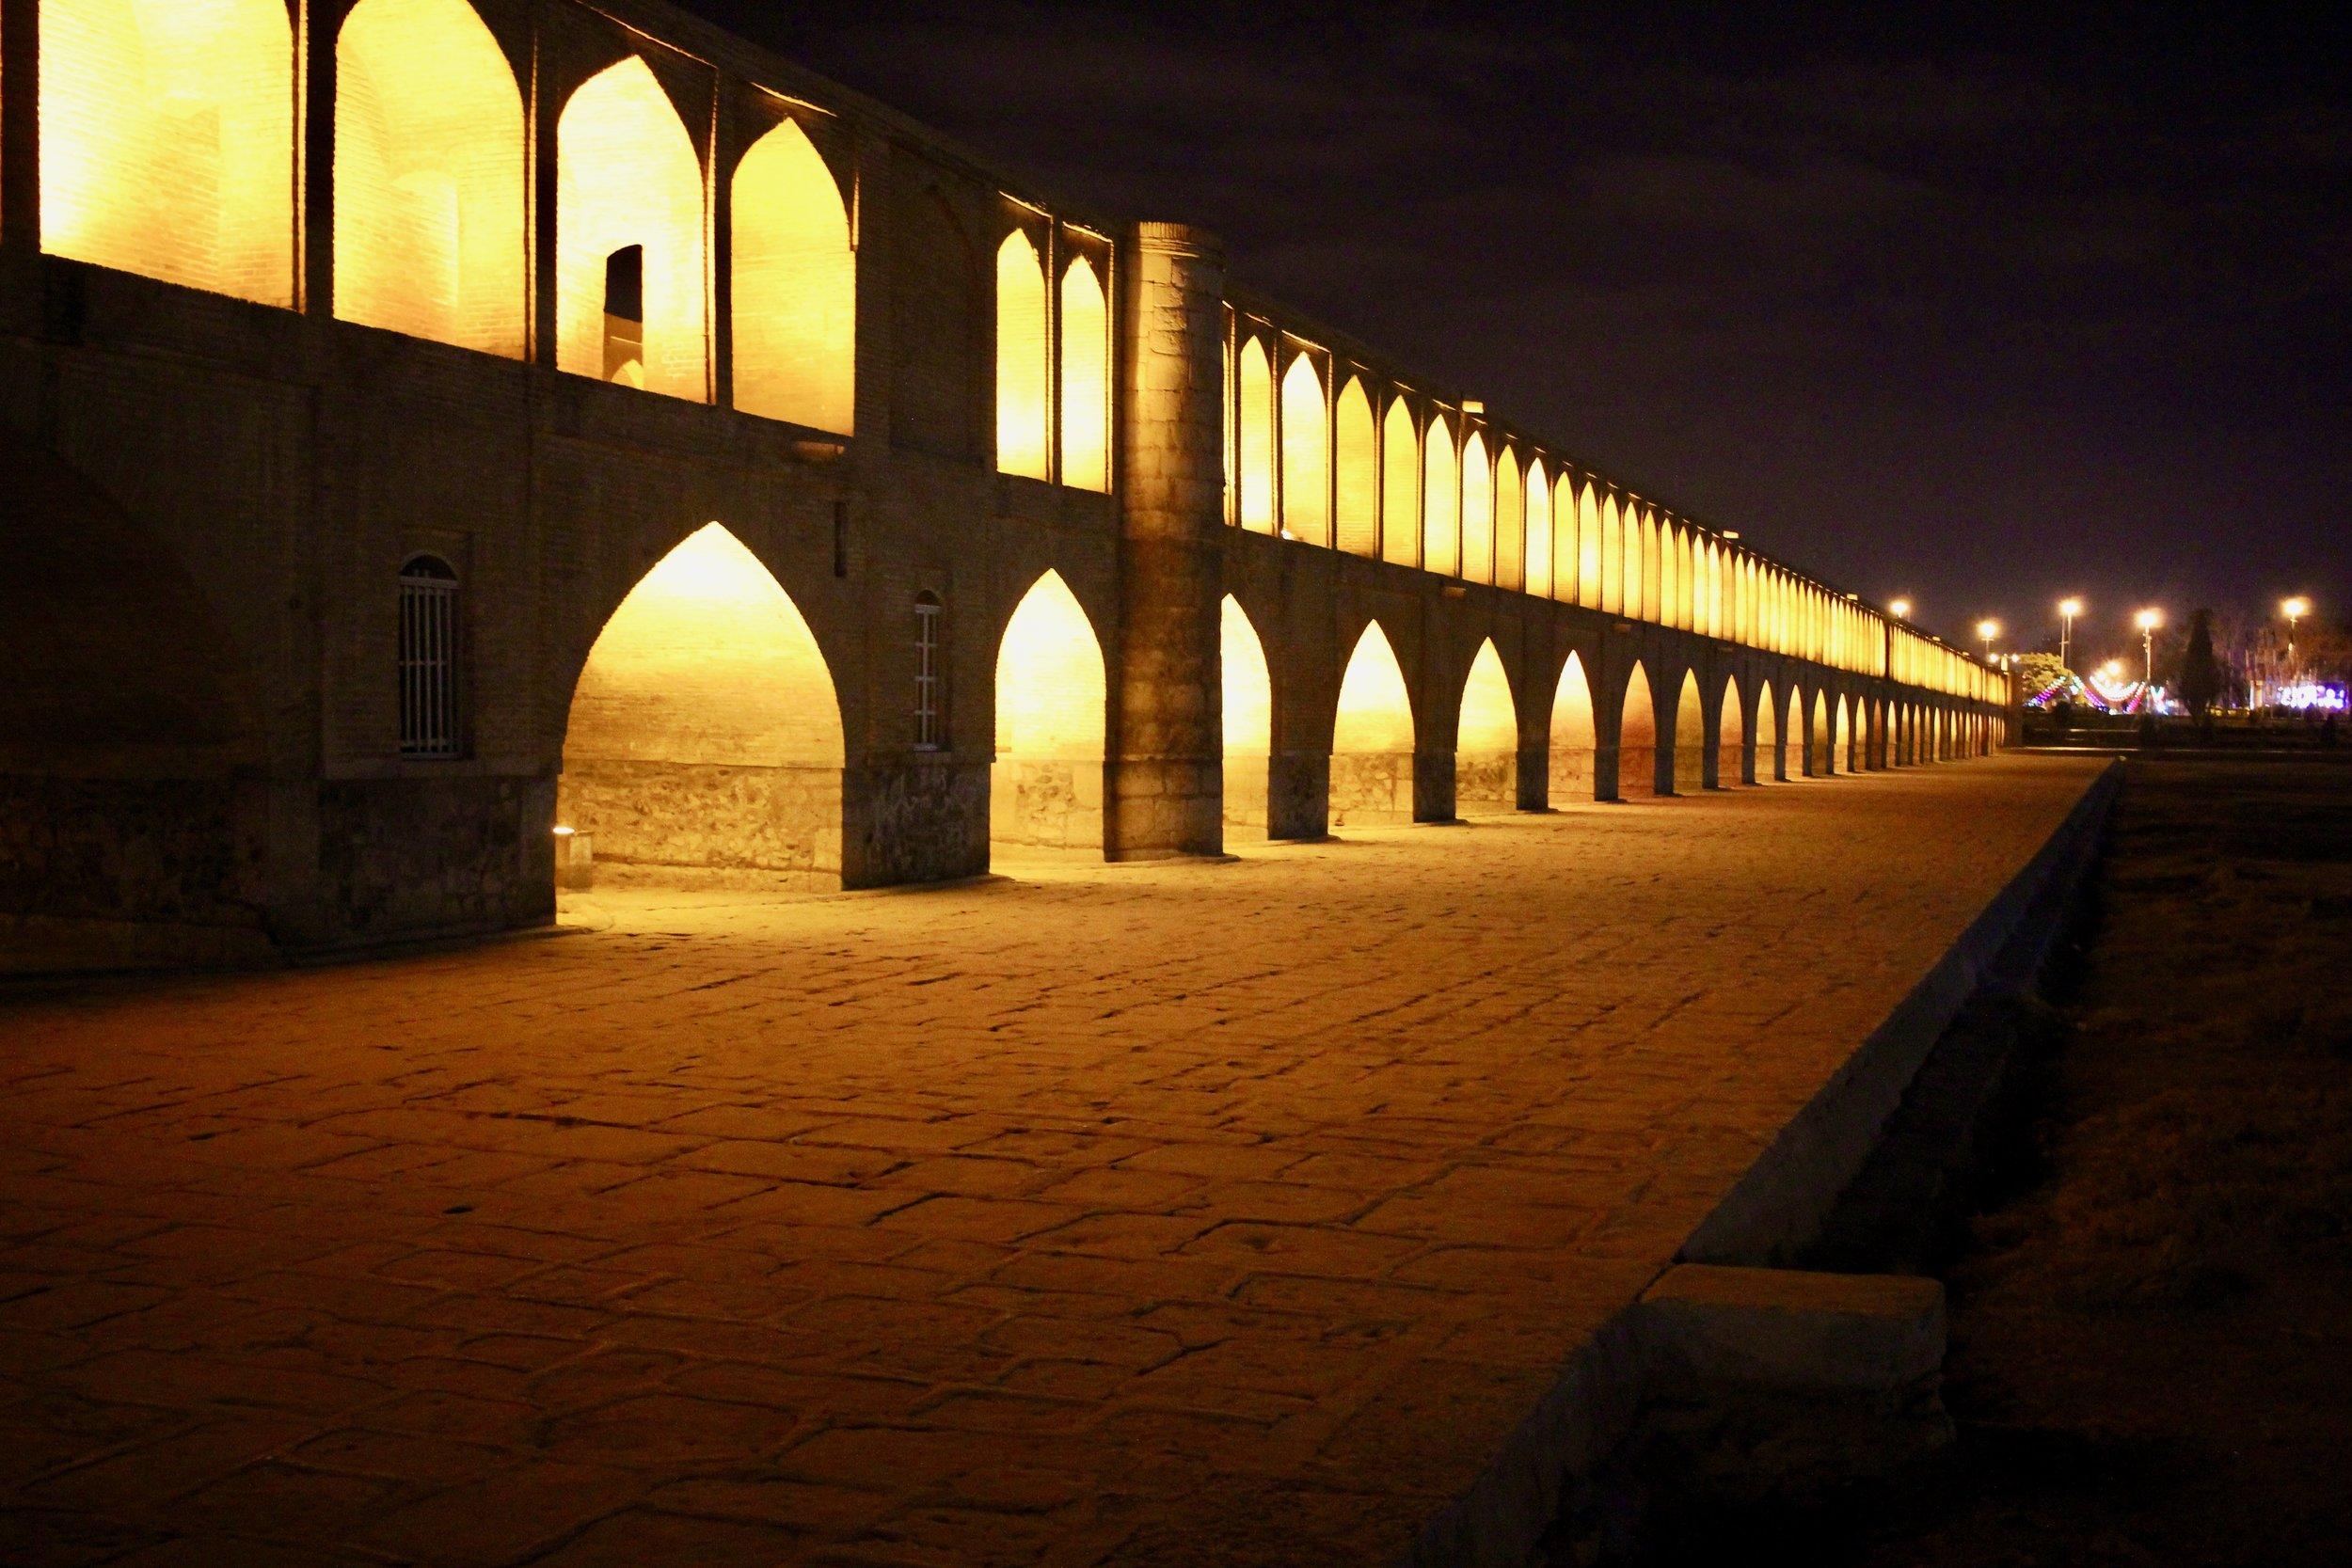 Siosepol Bridge, Esfahan